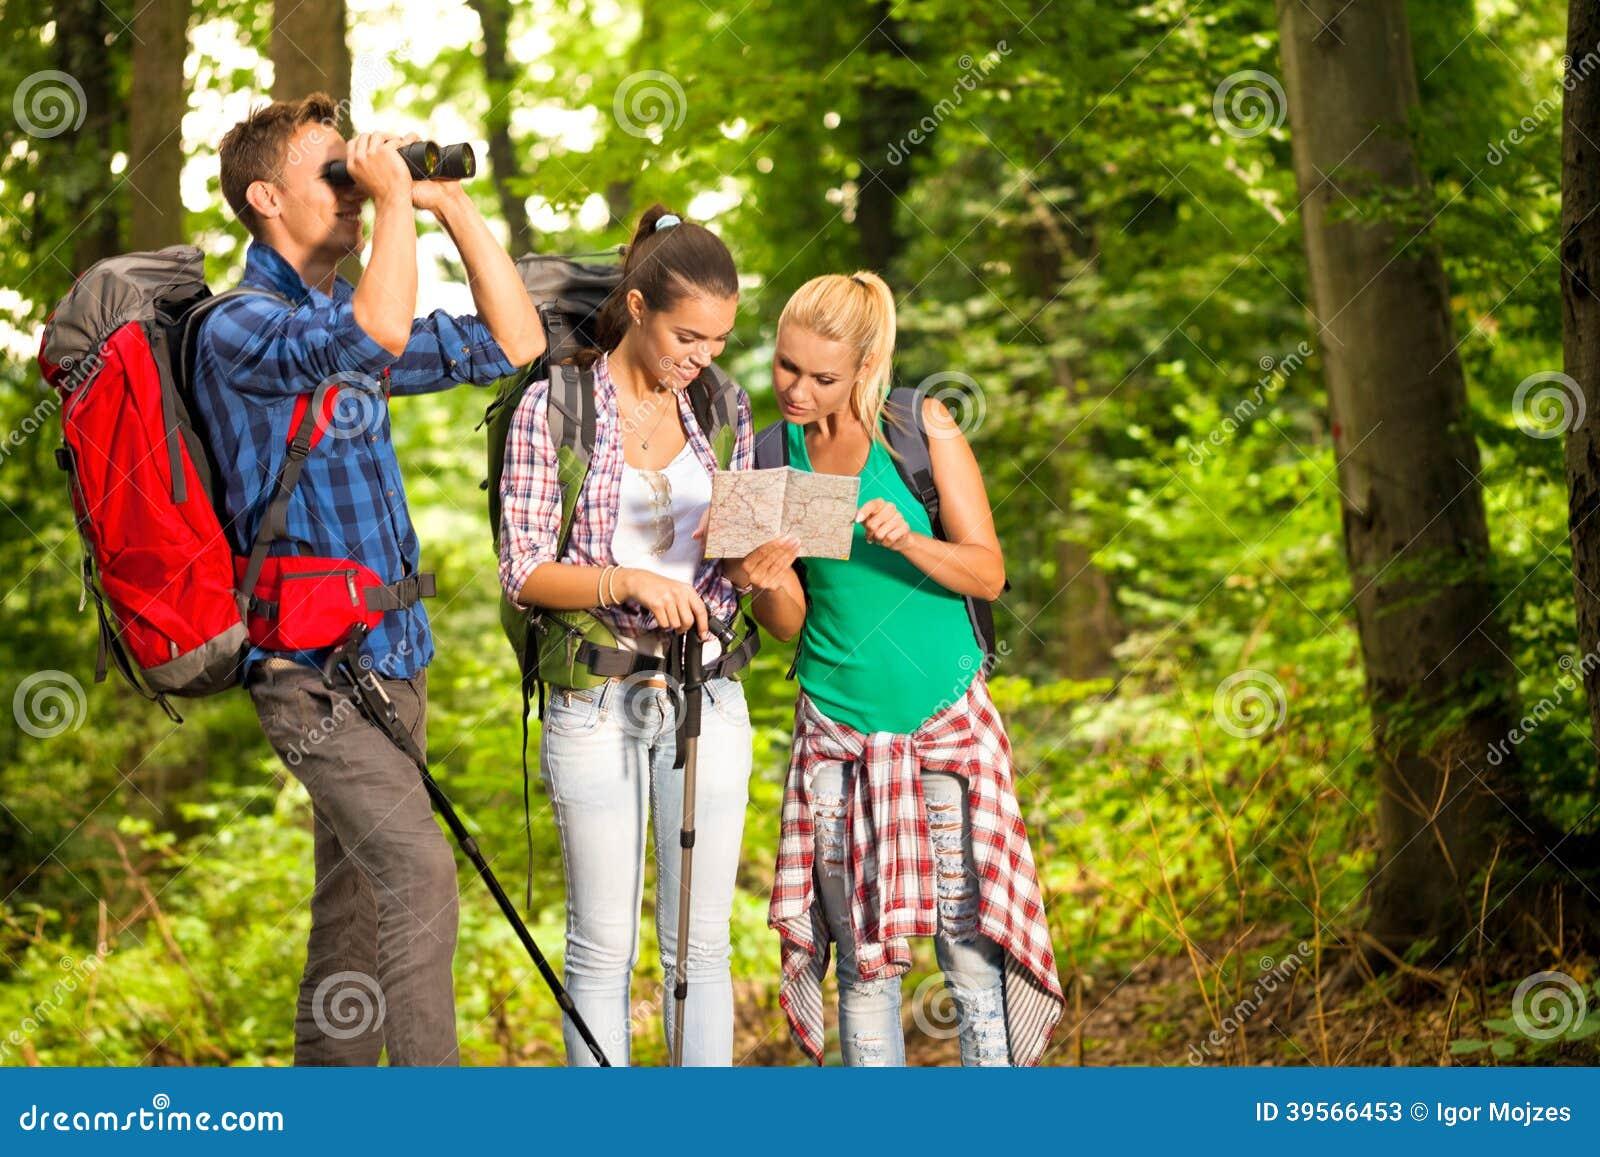 Gruppe wanderer mit karte und ferngläsern stockbild bild von